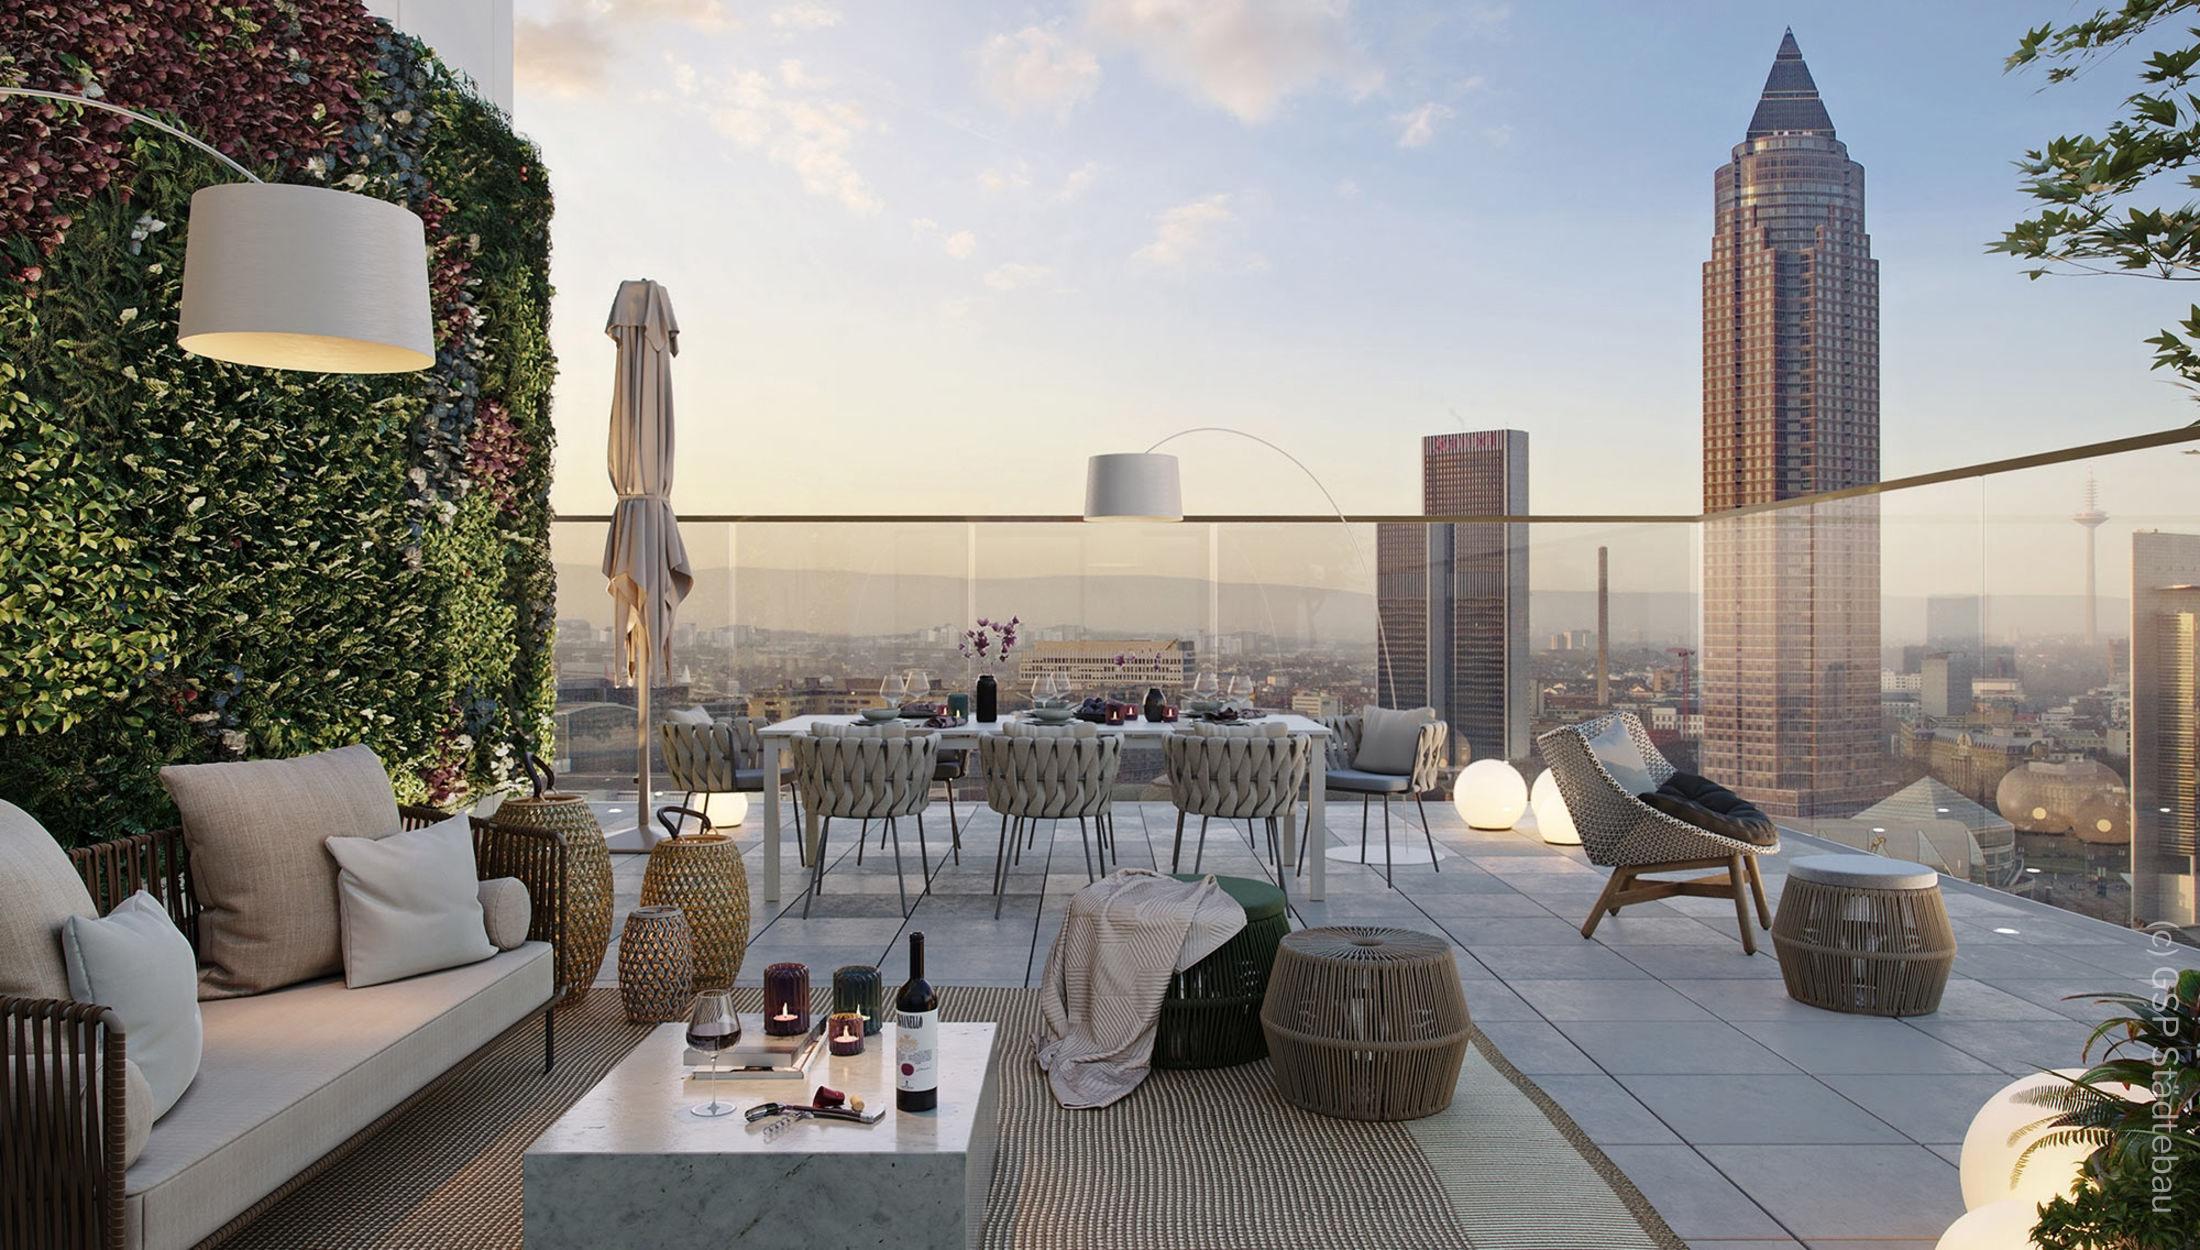 EDEN Tower Frankfurt - Dach Lounge - Dachterrasse für Mieter und Eigentümer